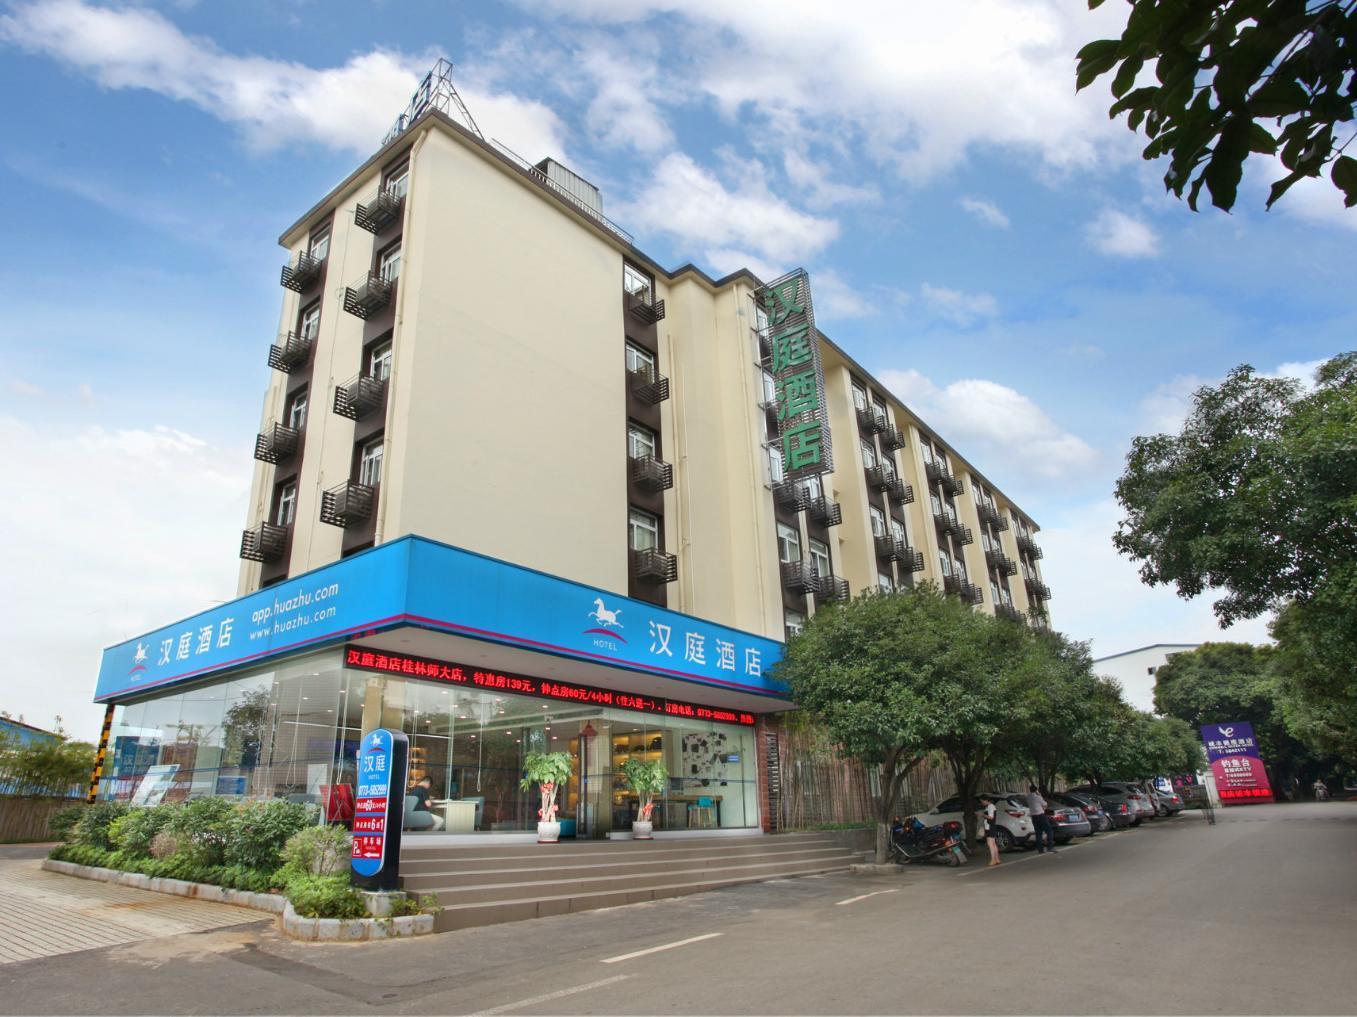 Hanting Hotel Guilin Guangxi Normal University Branch